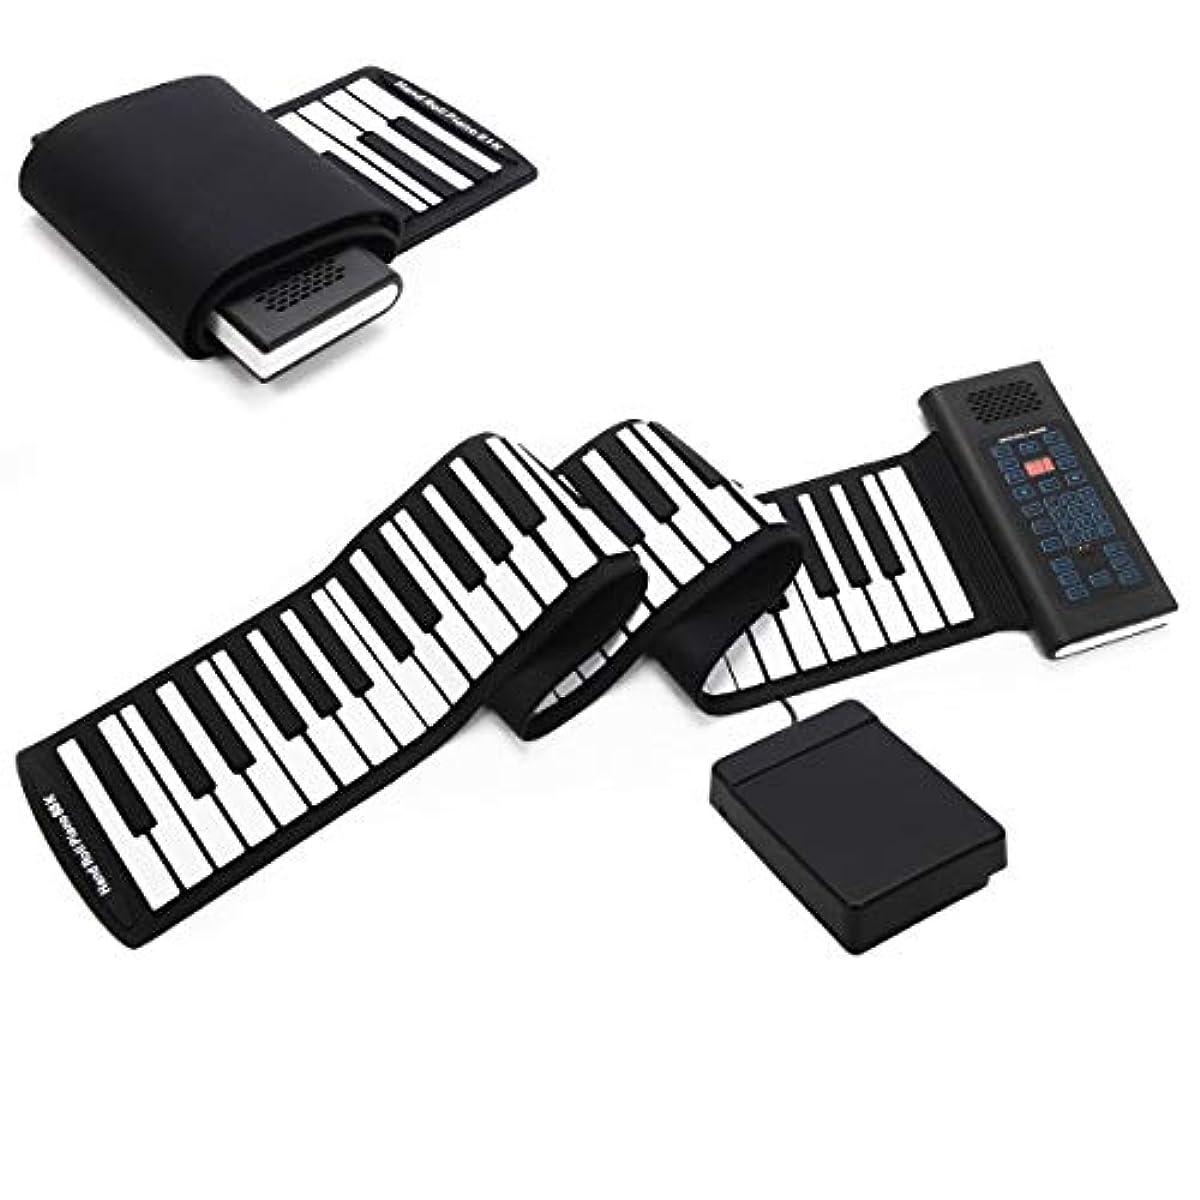 [해외] 포터블61/88 키 롤업 피아노 키보드 디지털 전자 소프트 키즈 크리스마스 뮤지컬 장난감 88 키